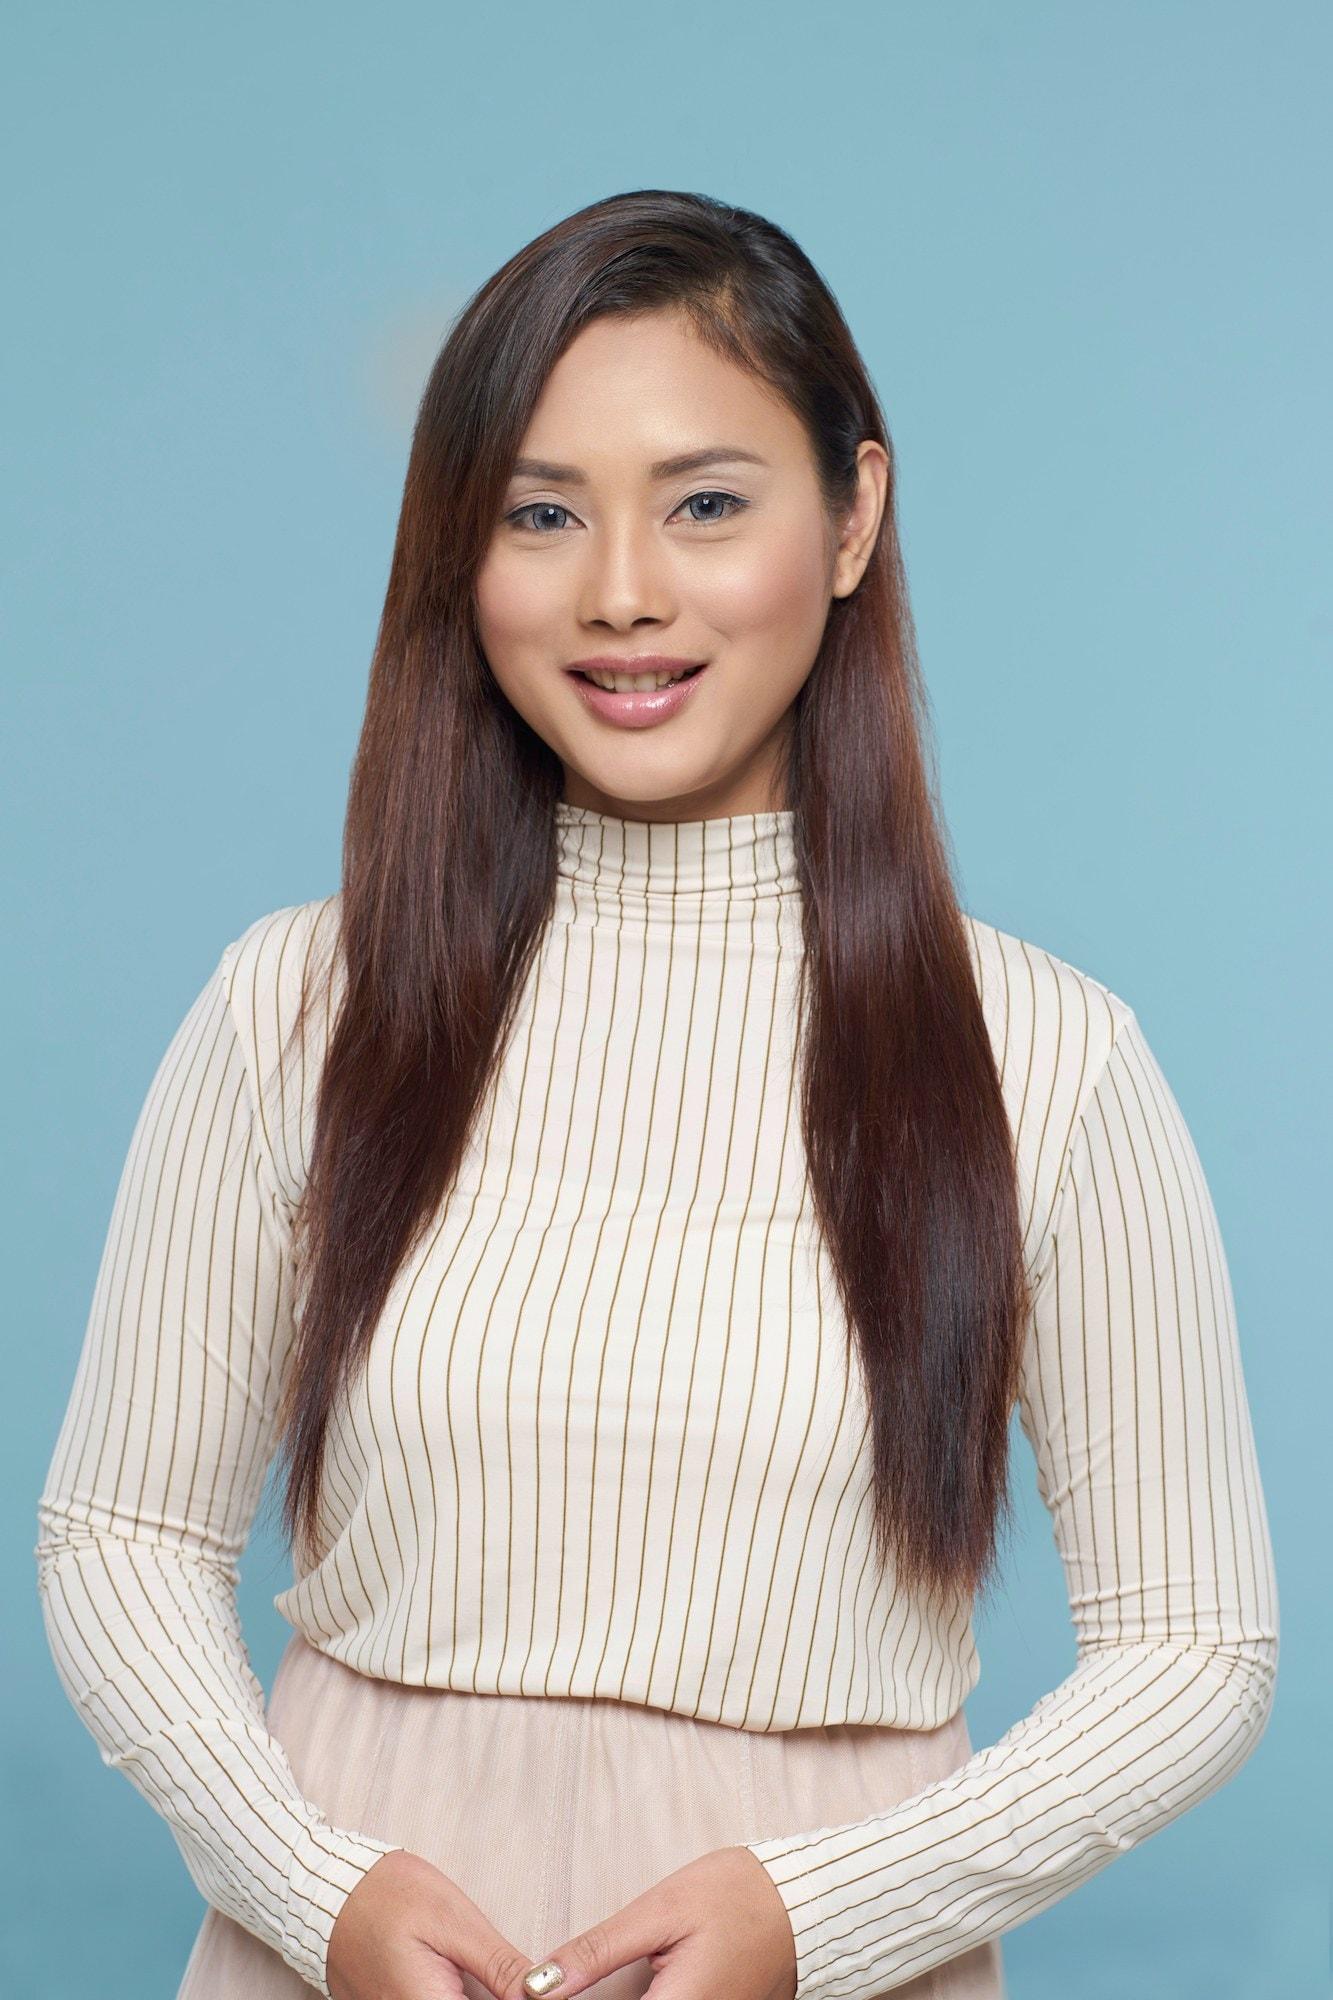 Wanita asia dengan rambut lurus smoothing